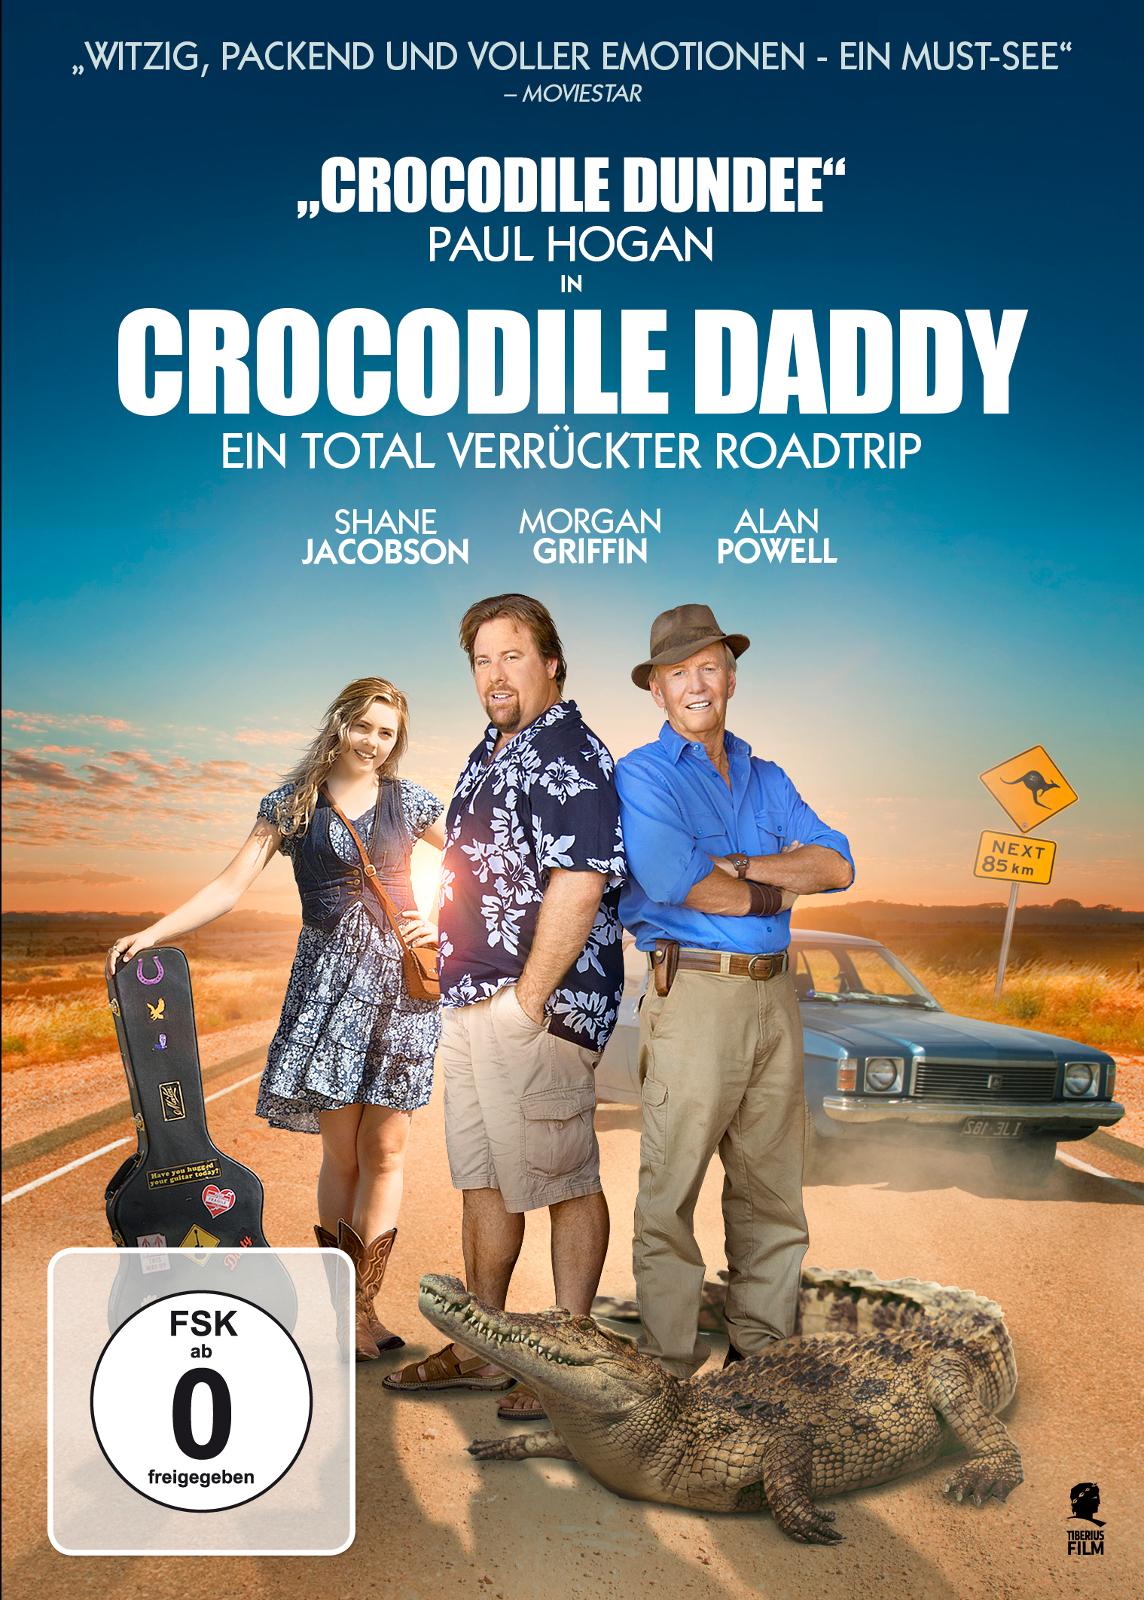 Crocodile Daddy  Ein Total Verrückter Roadtrip  Film